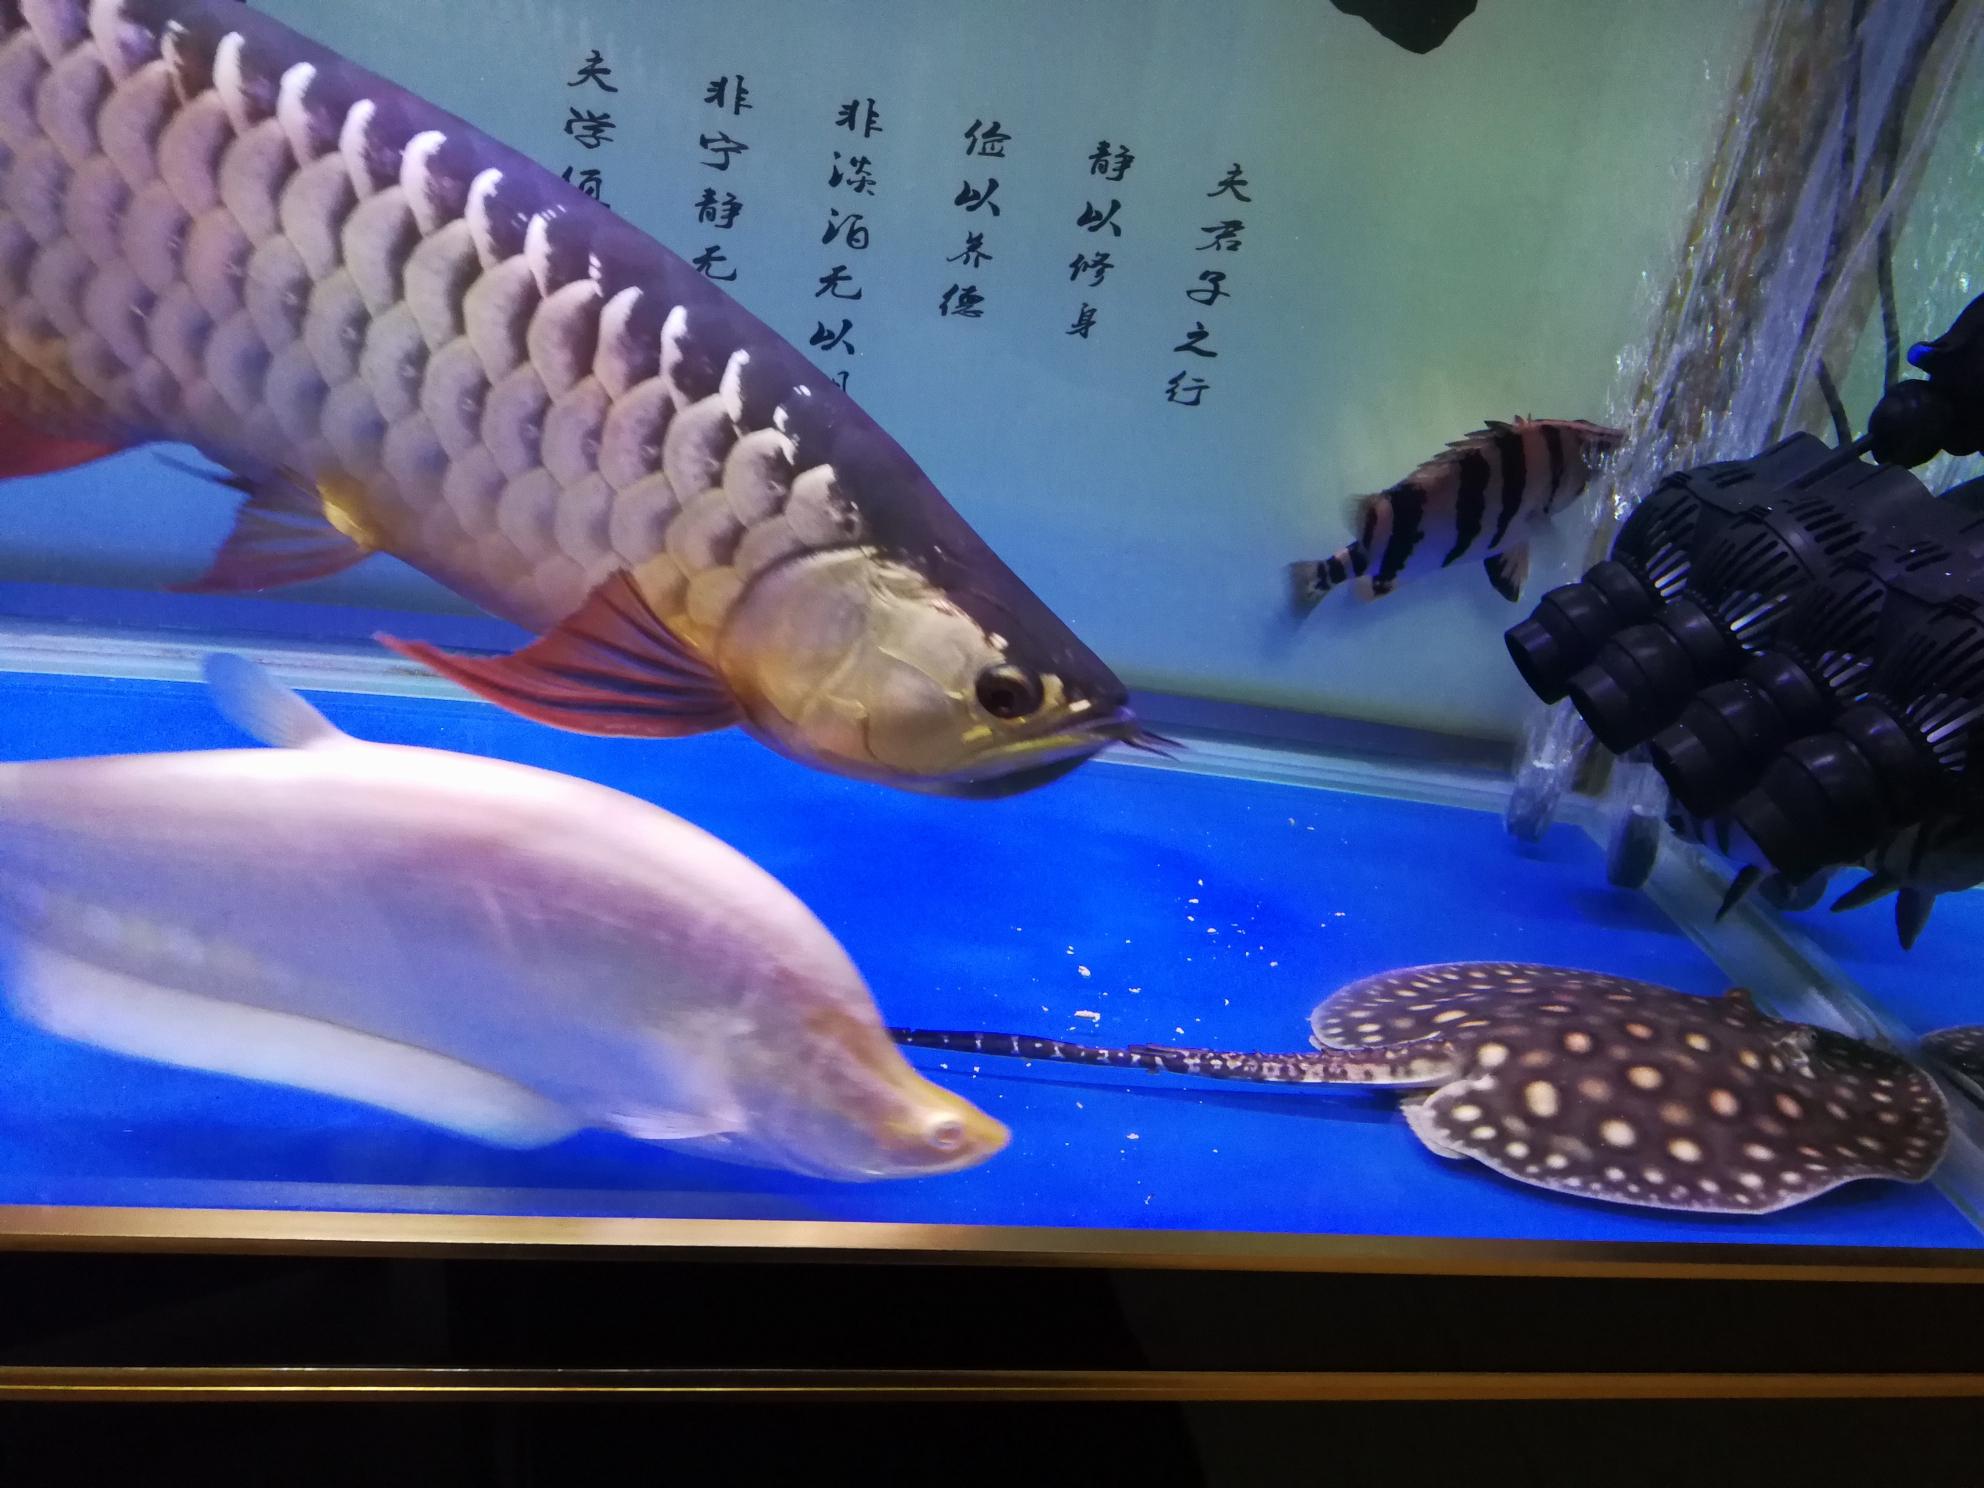 分享鱼的乐趣 延安龙鱼论坛 延安龙鱼第6张